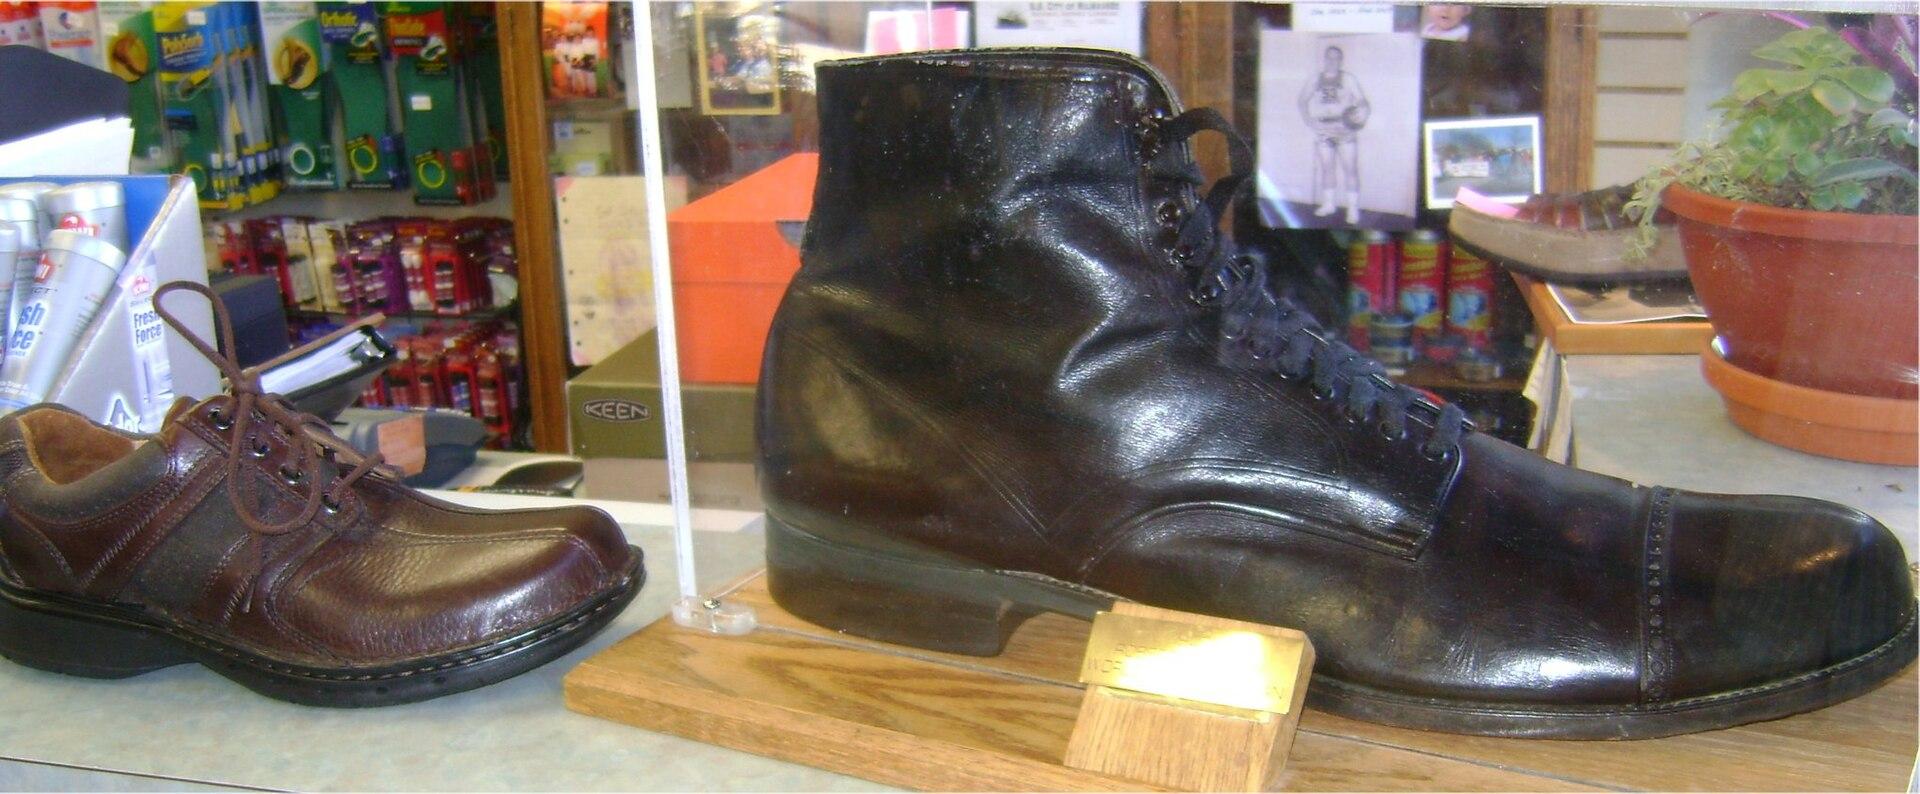 Pies más grandes de la historia, Zapatos de Robert Pershing Wadlow